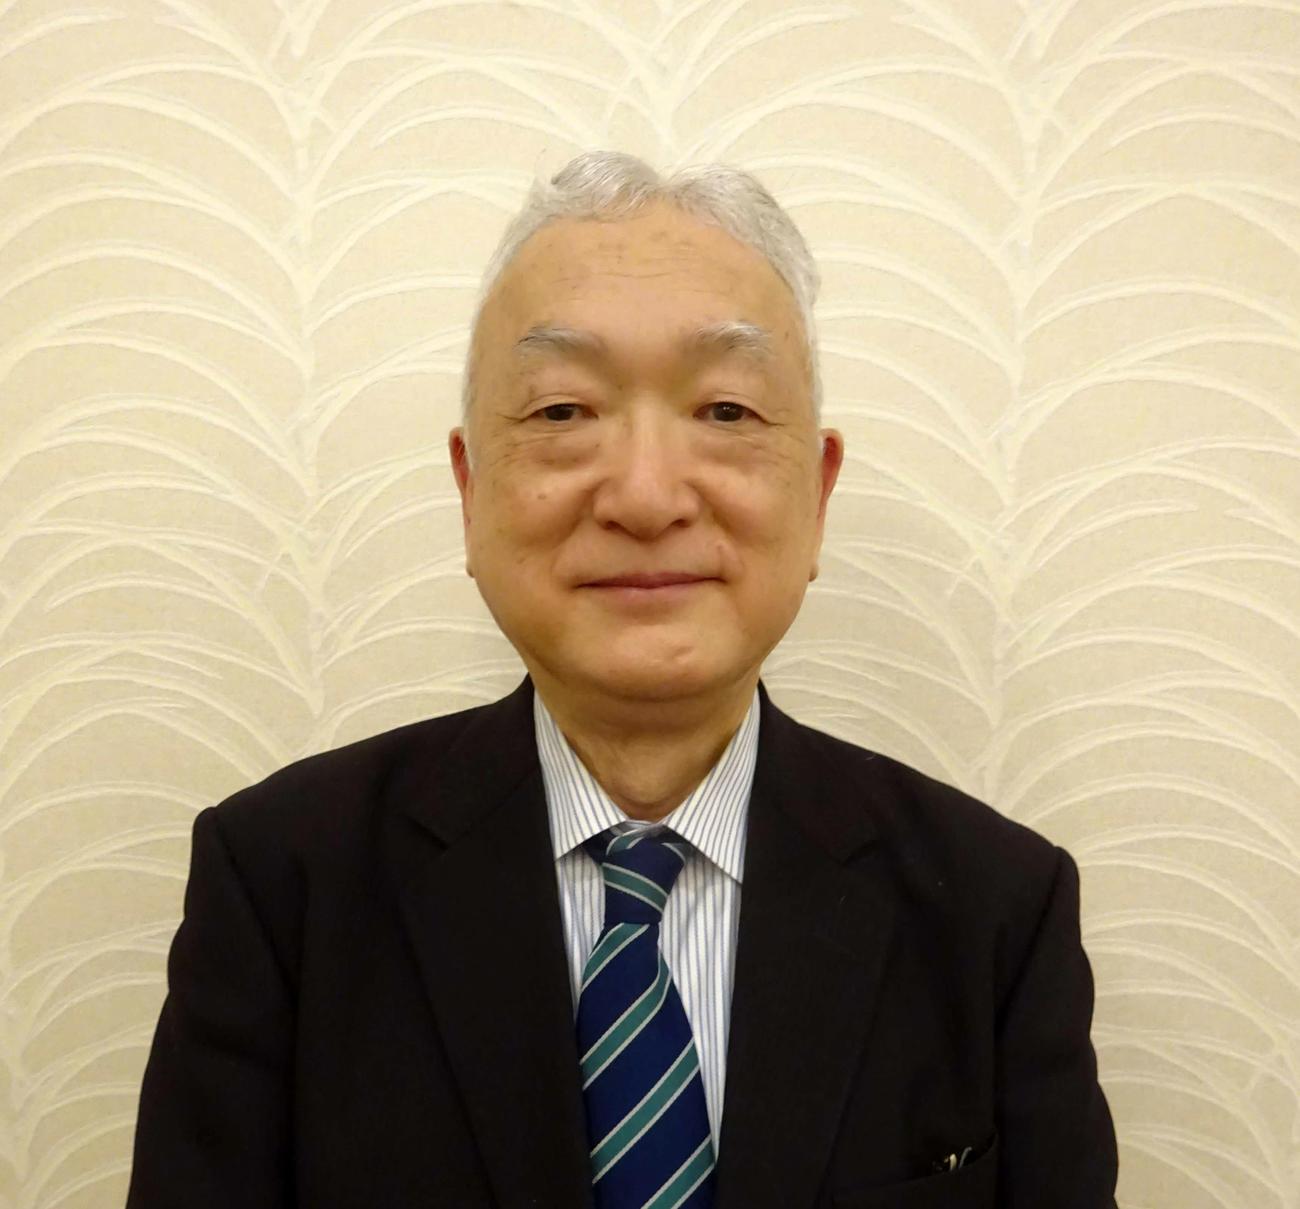 東都大学野球連盟の新理事長に就任した大島氏(撮影・保坂淑子)